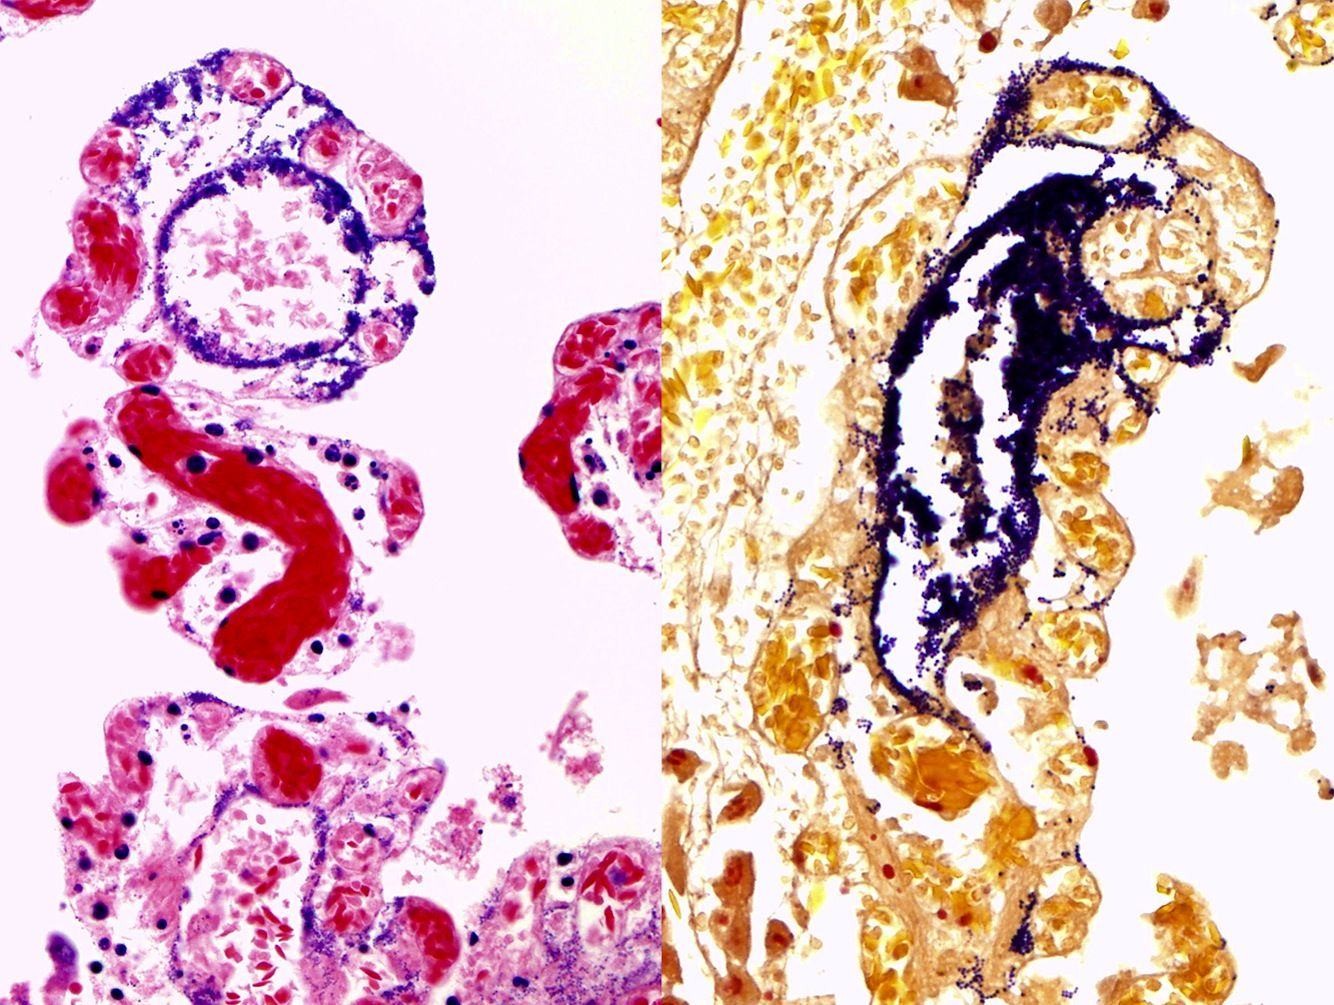 Imagen de bacterias Streptococcus equi de la subespecie analizada, en color morado, invadiendo el intestino de las alpacas a través de los vasos linfáticos.